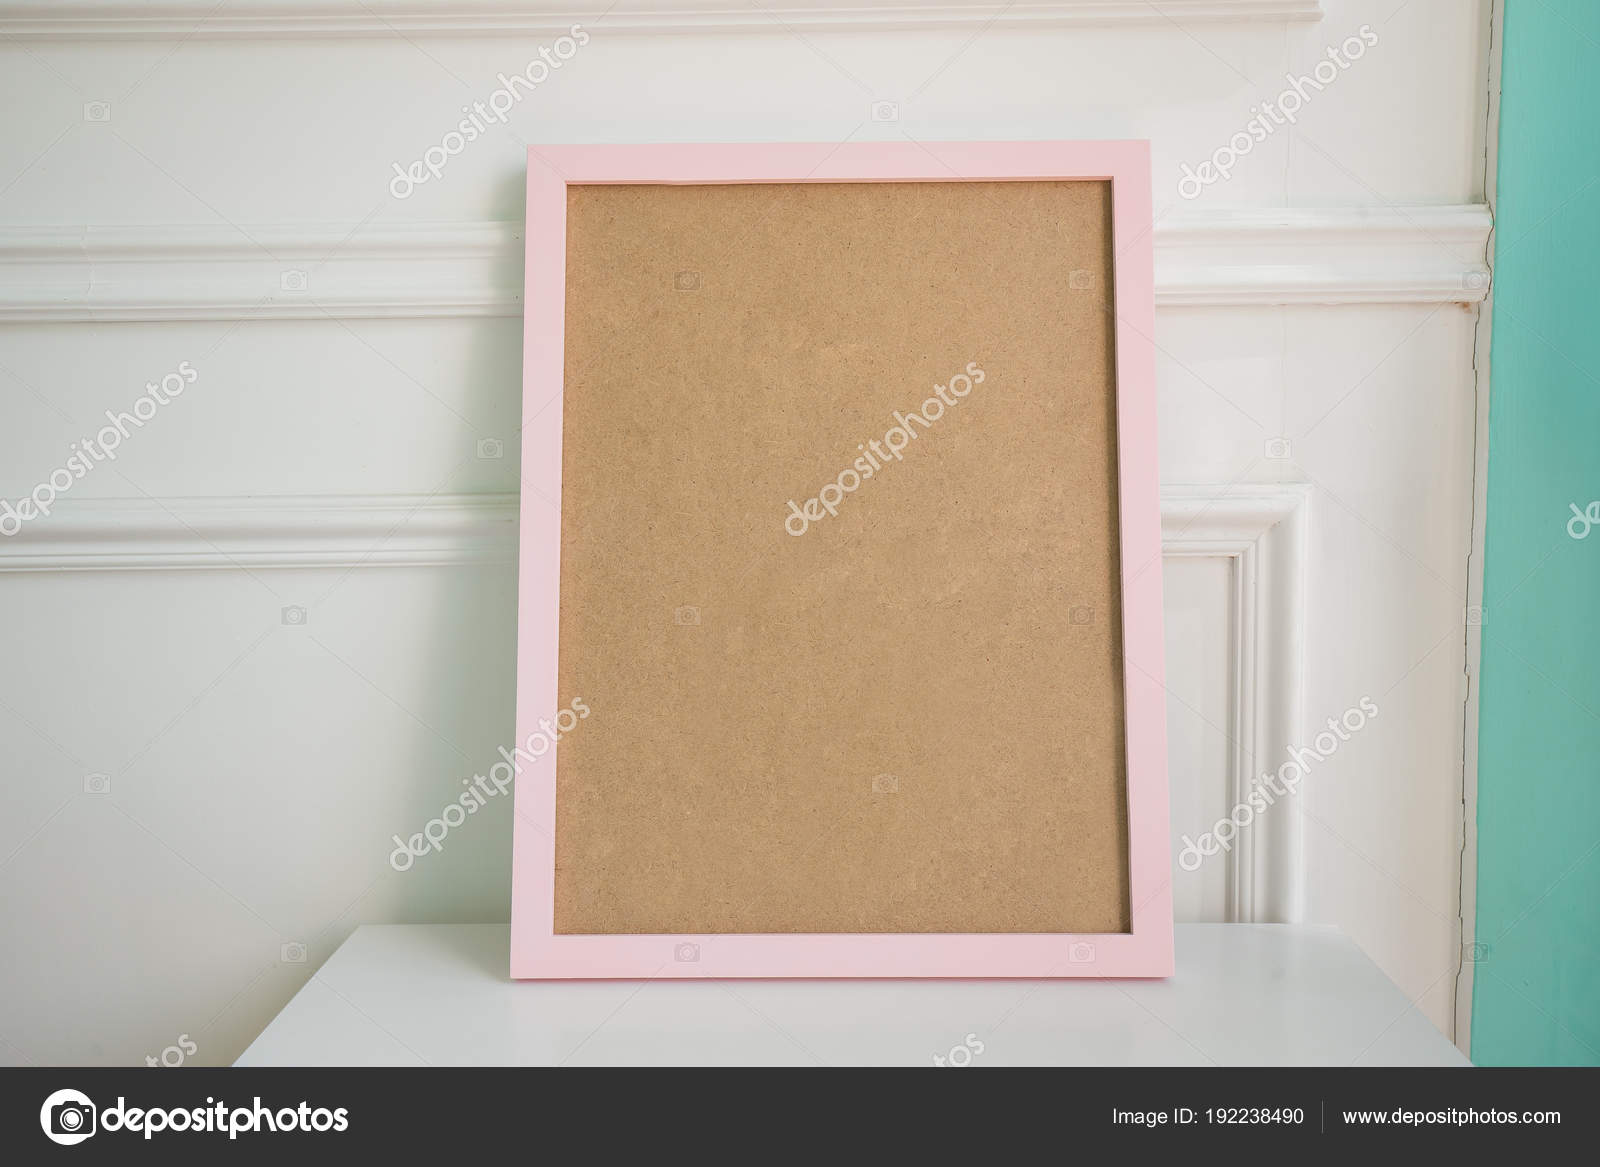 Leere Bilderrahmen Mit Textfreiraum Auf Tisch Zimmer — Stockfoto ...